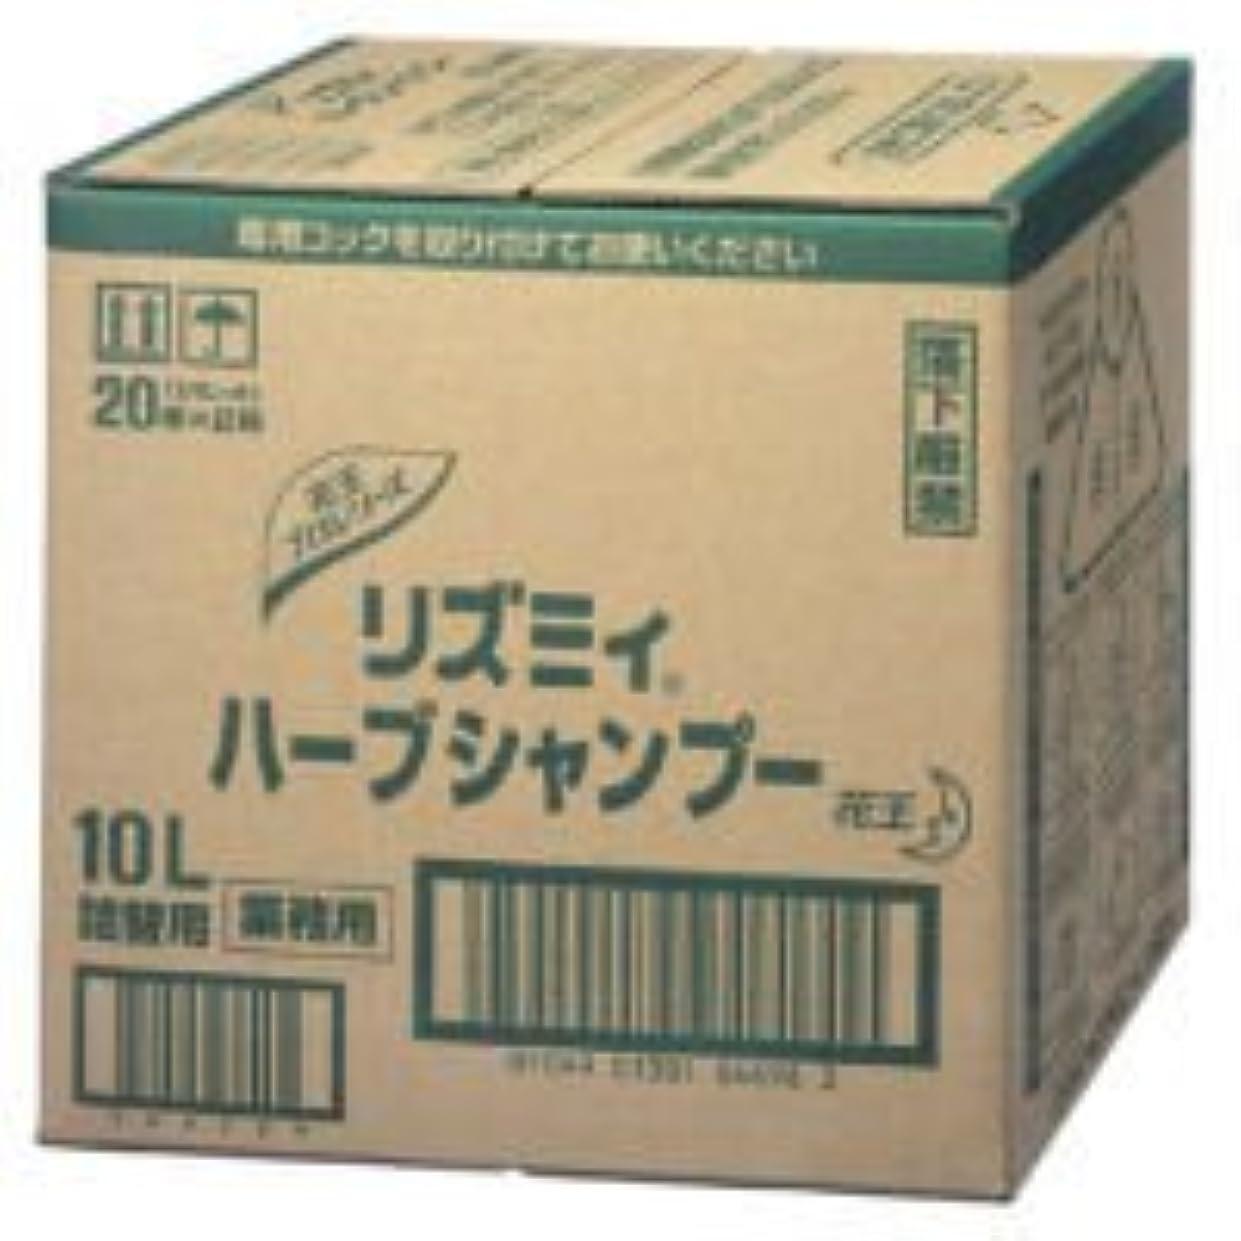 待ってペンダント乳製品花王 リズミィ ハーブシャンプー 10L 業務用